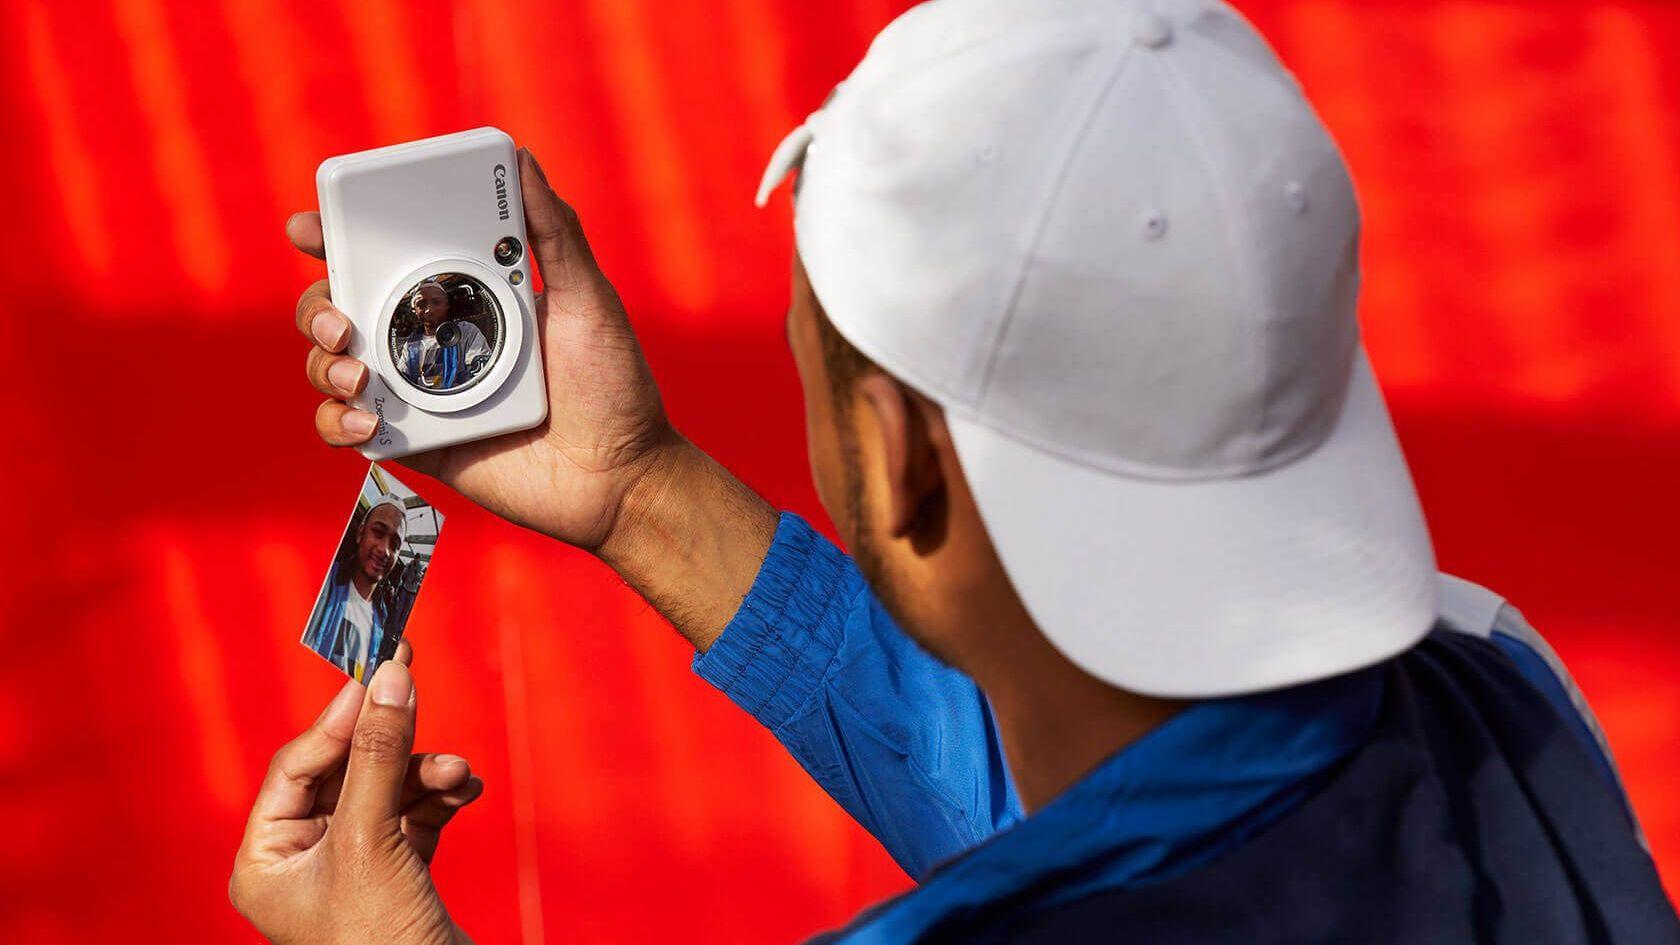 600d9f7e1086 New Canon Zoemini range